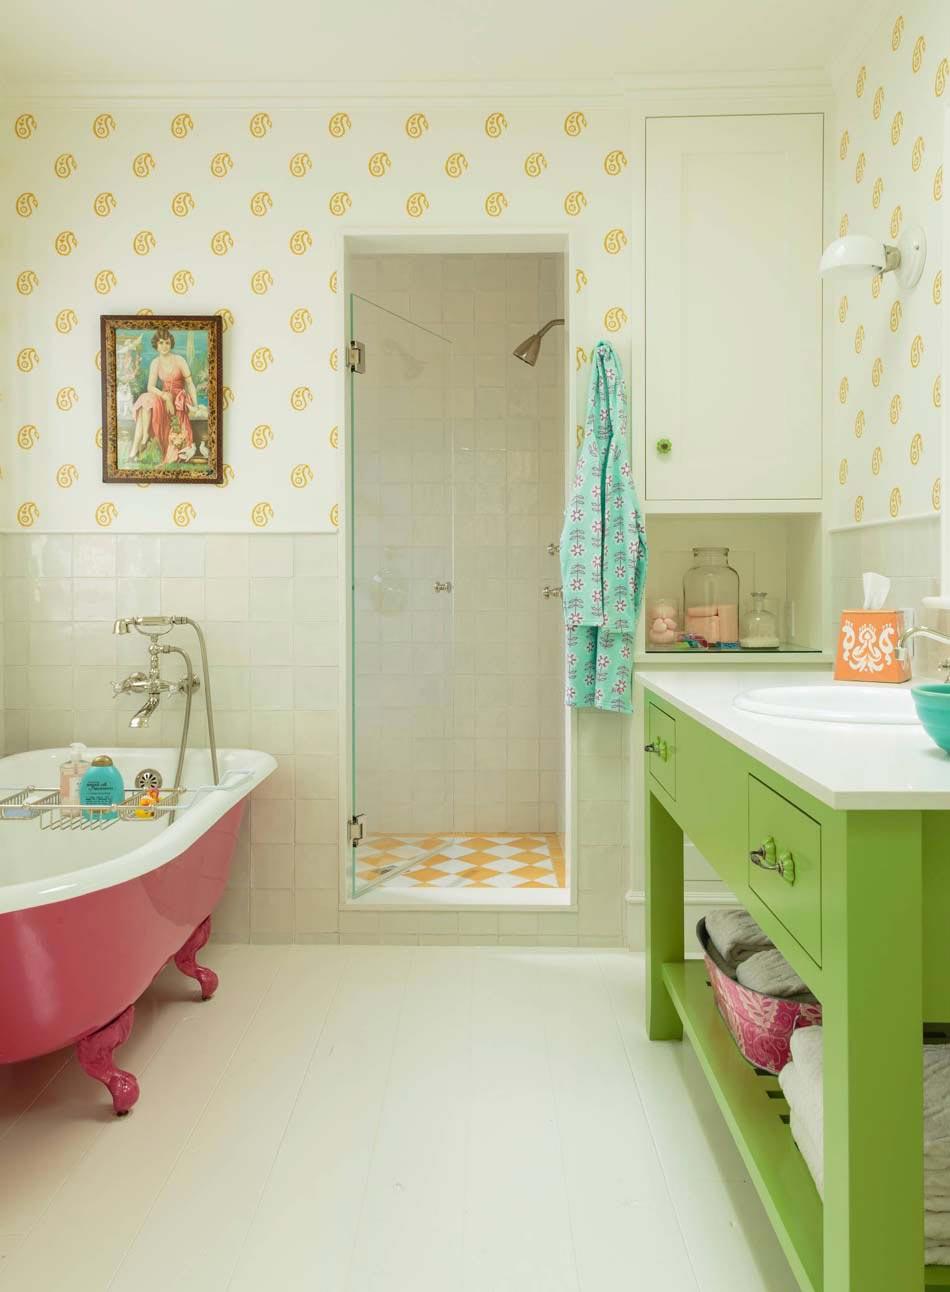 teintes gaies pour cette salle de bain en rose bonbon et vert anis - Salle De Bain Baignoire Rose